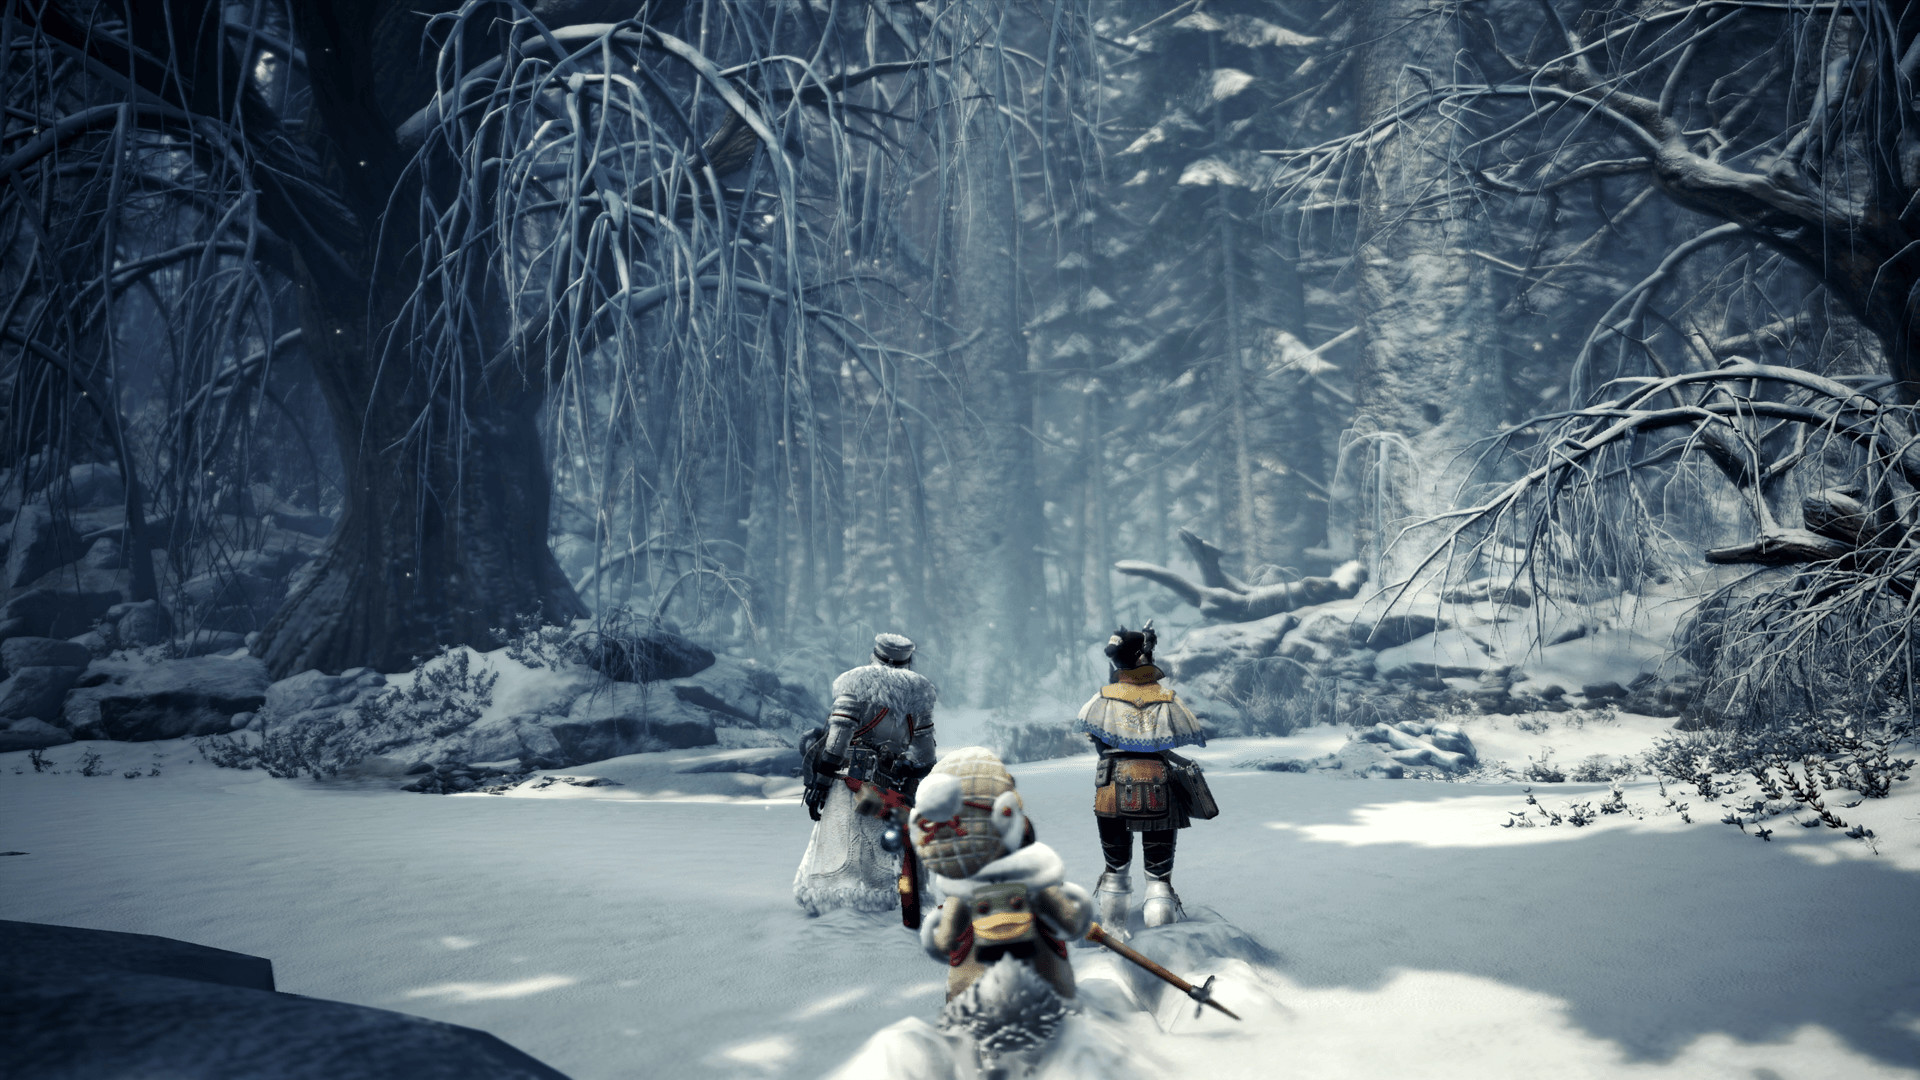 怪物猎人:世界-冰原/Monster Hunter World: Iceborne(V15.11.01-全DLC豪华版+世界定制版)插图